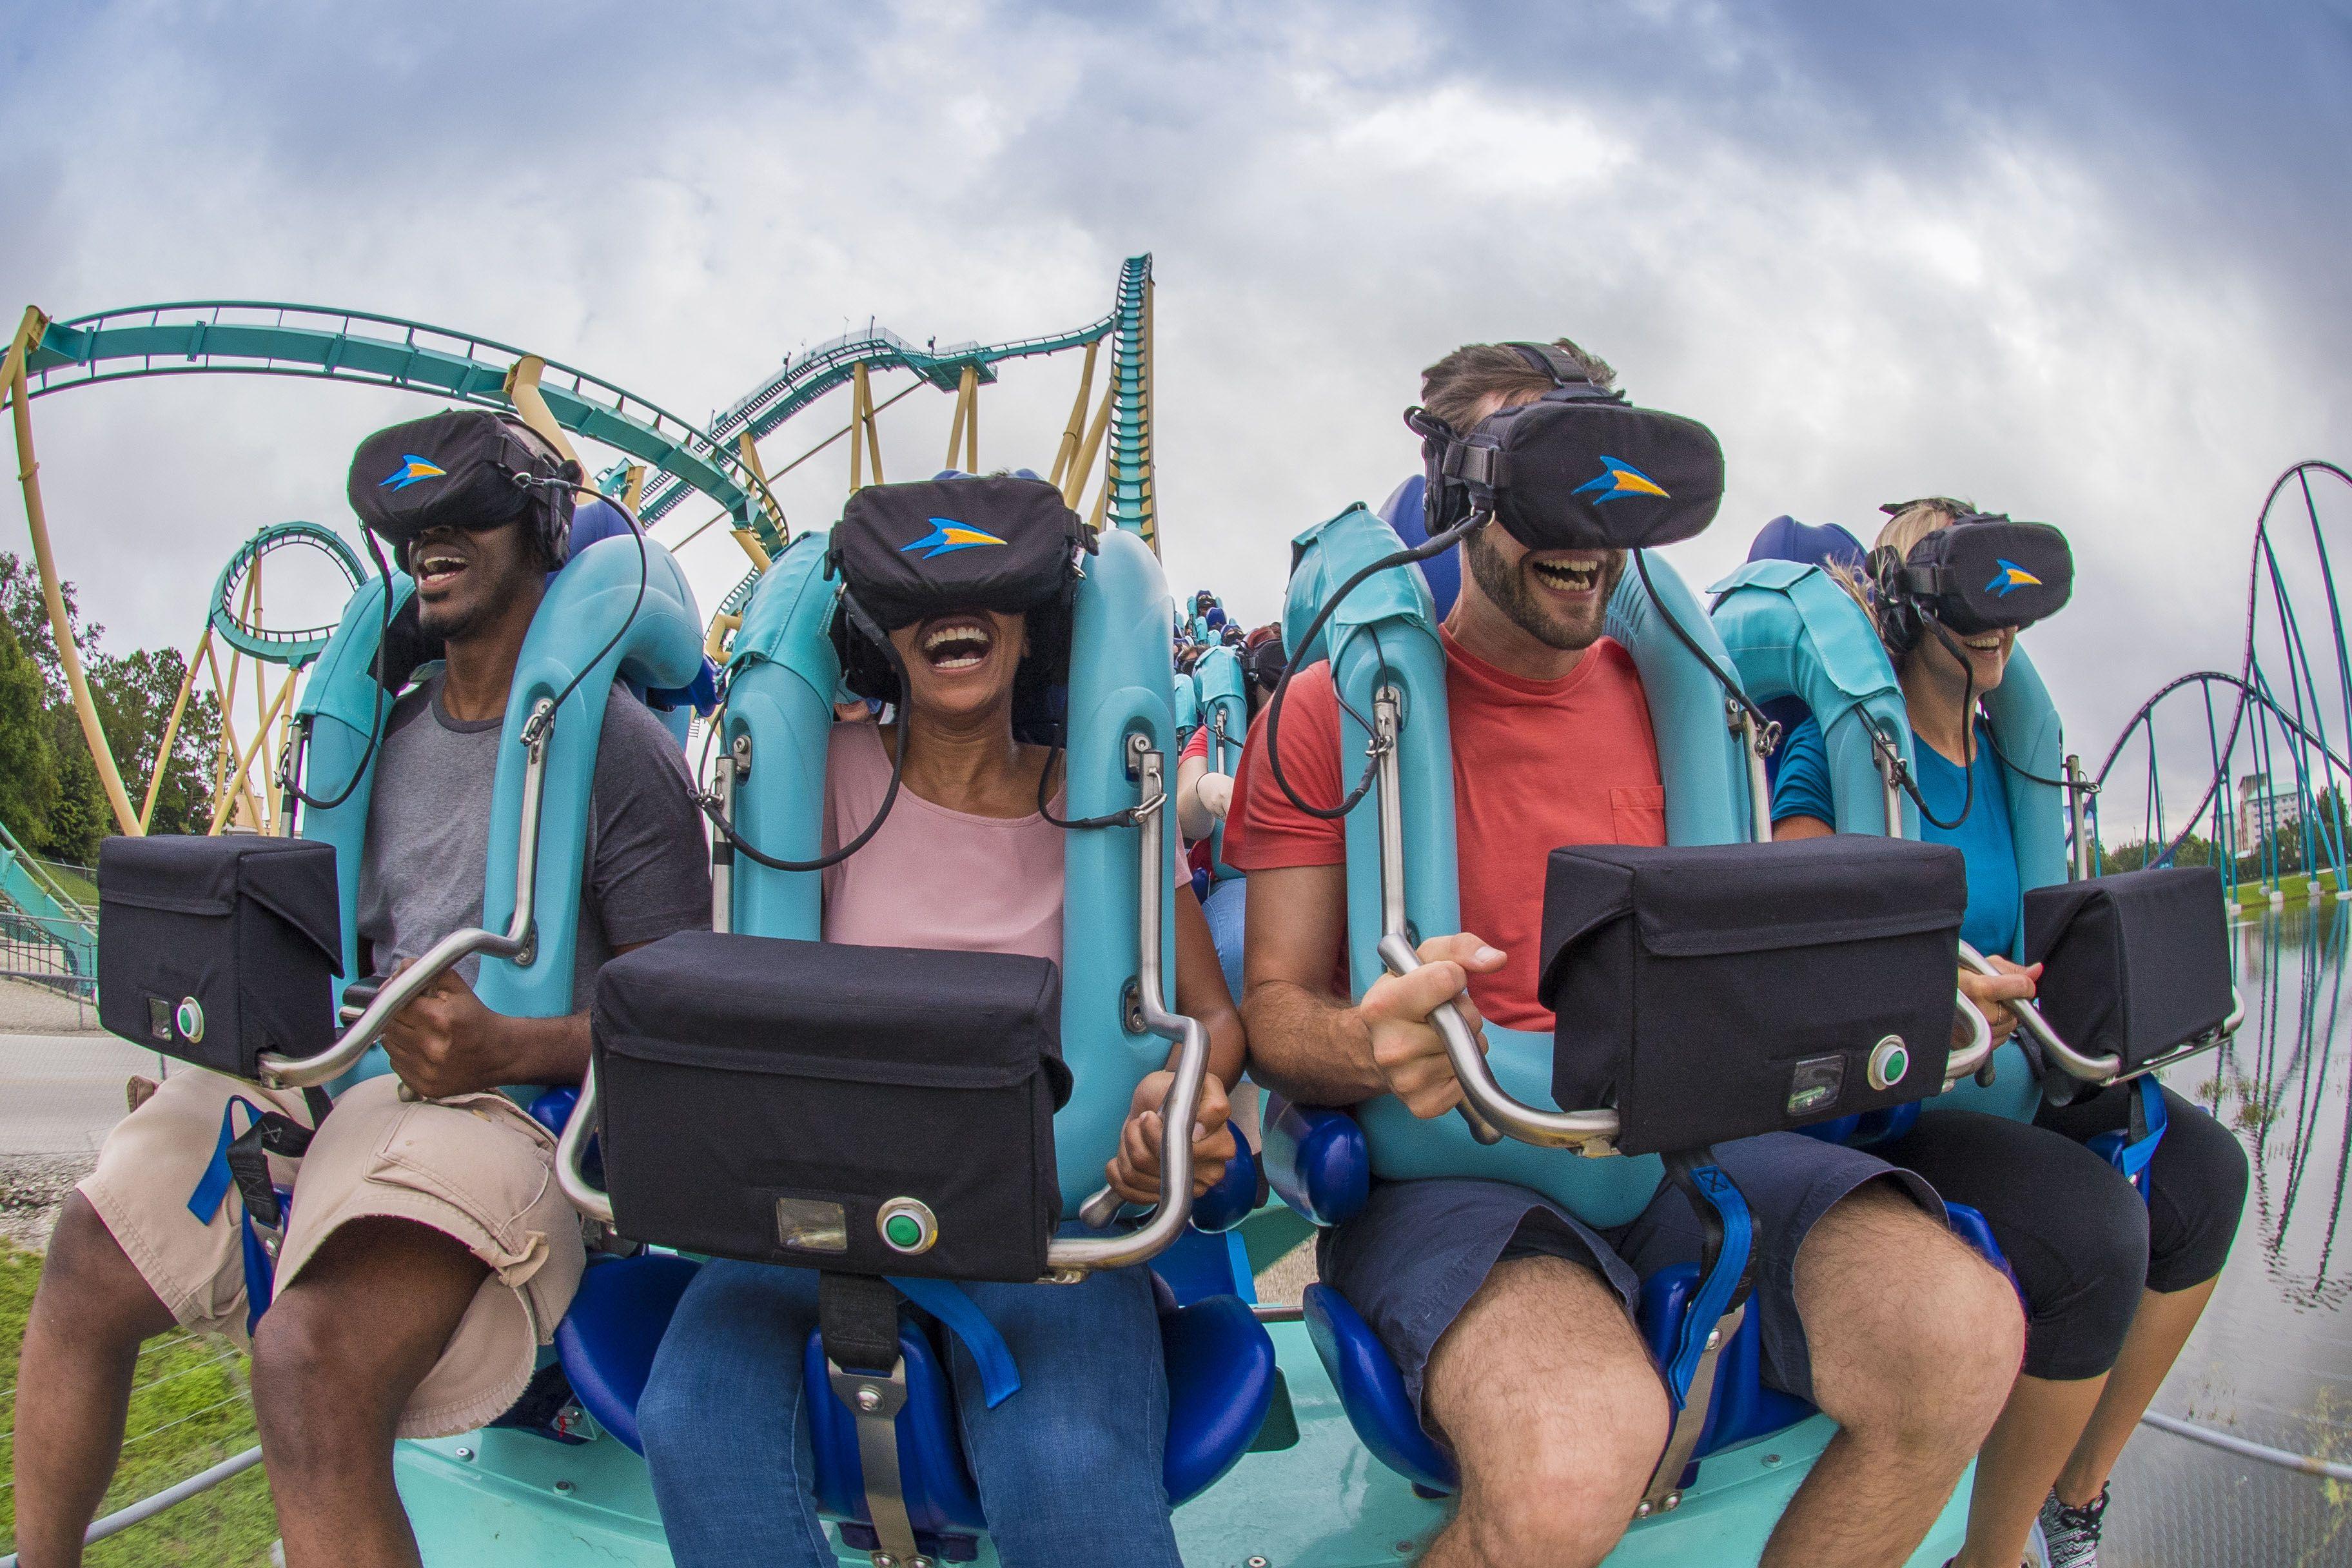 Kraken virtual reality at SeaWorld Orlando